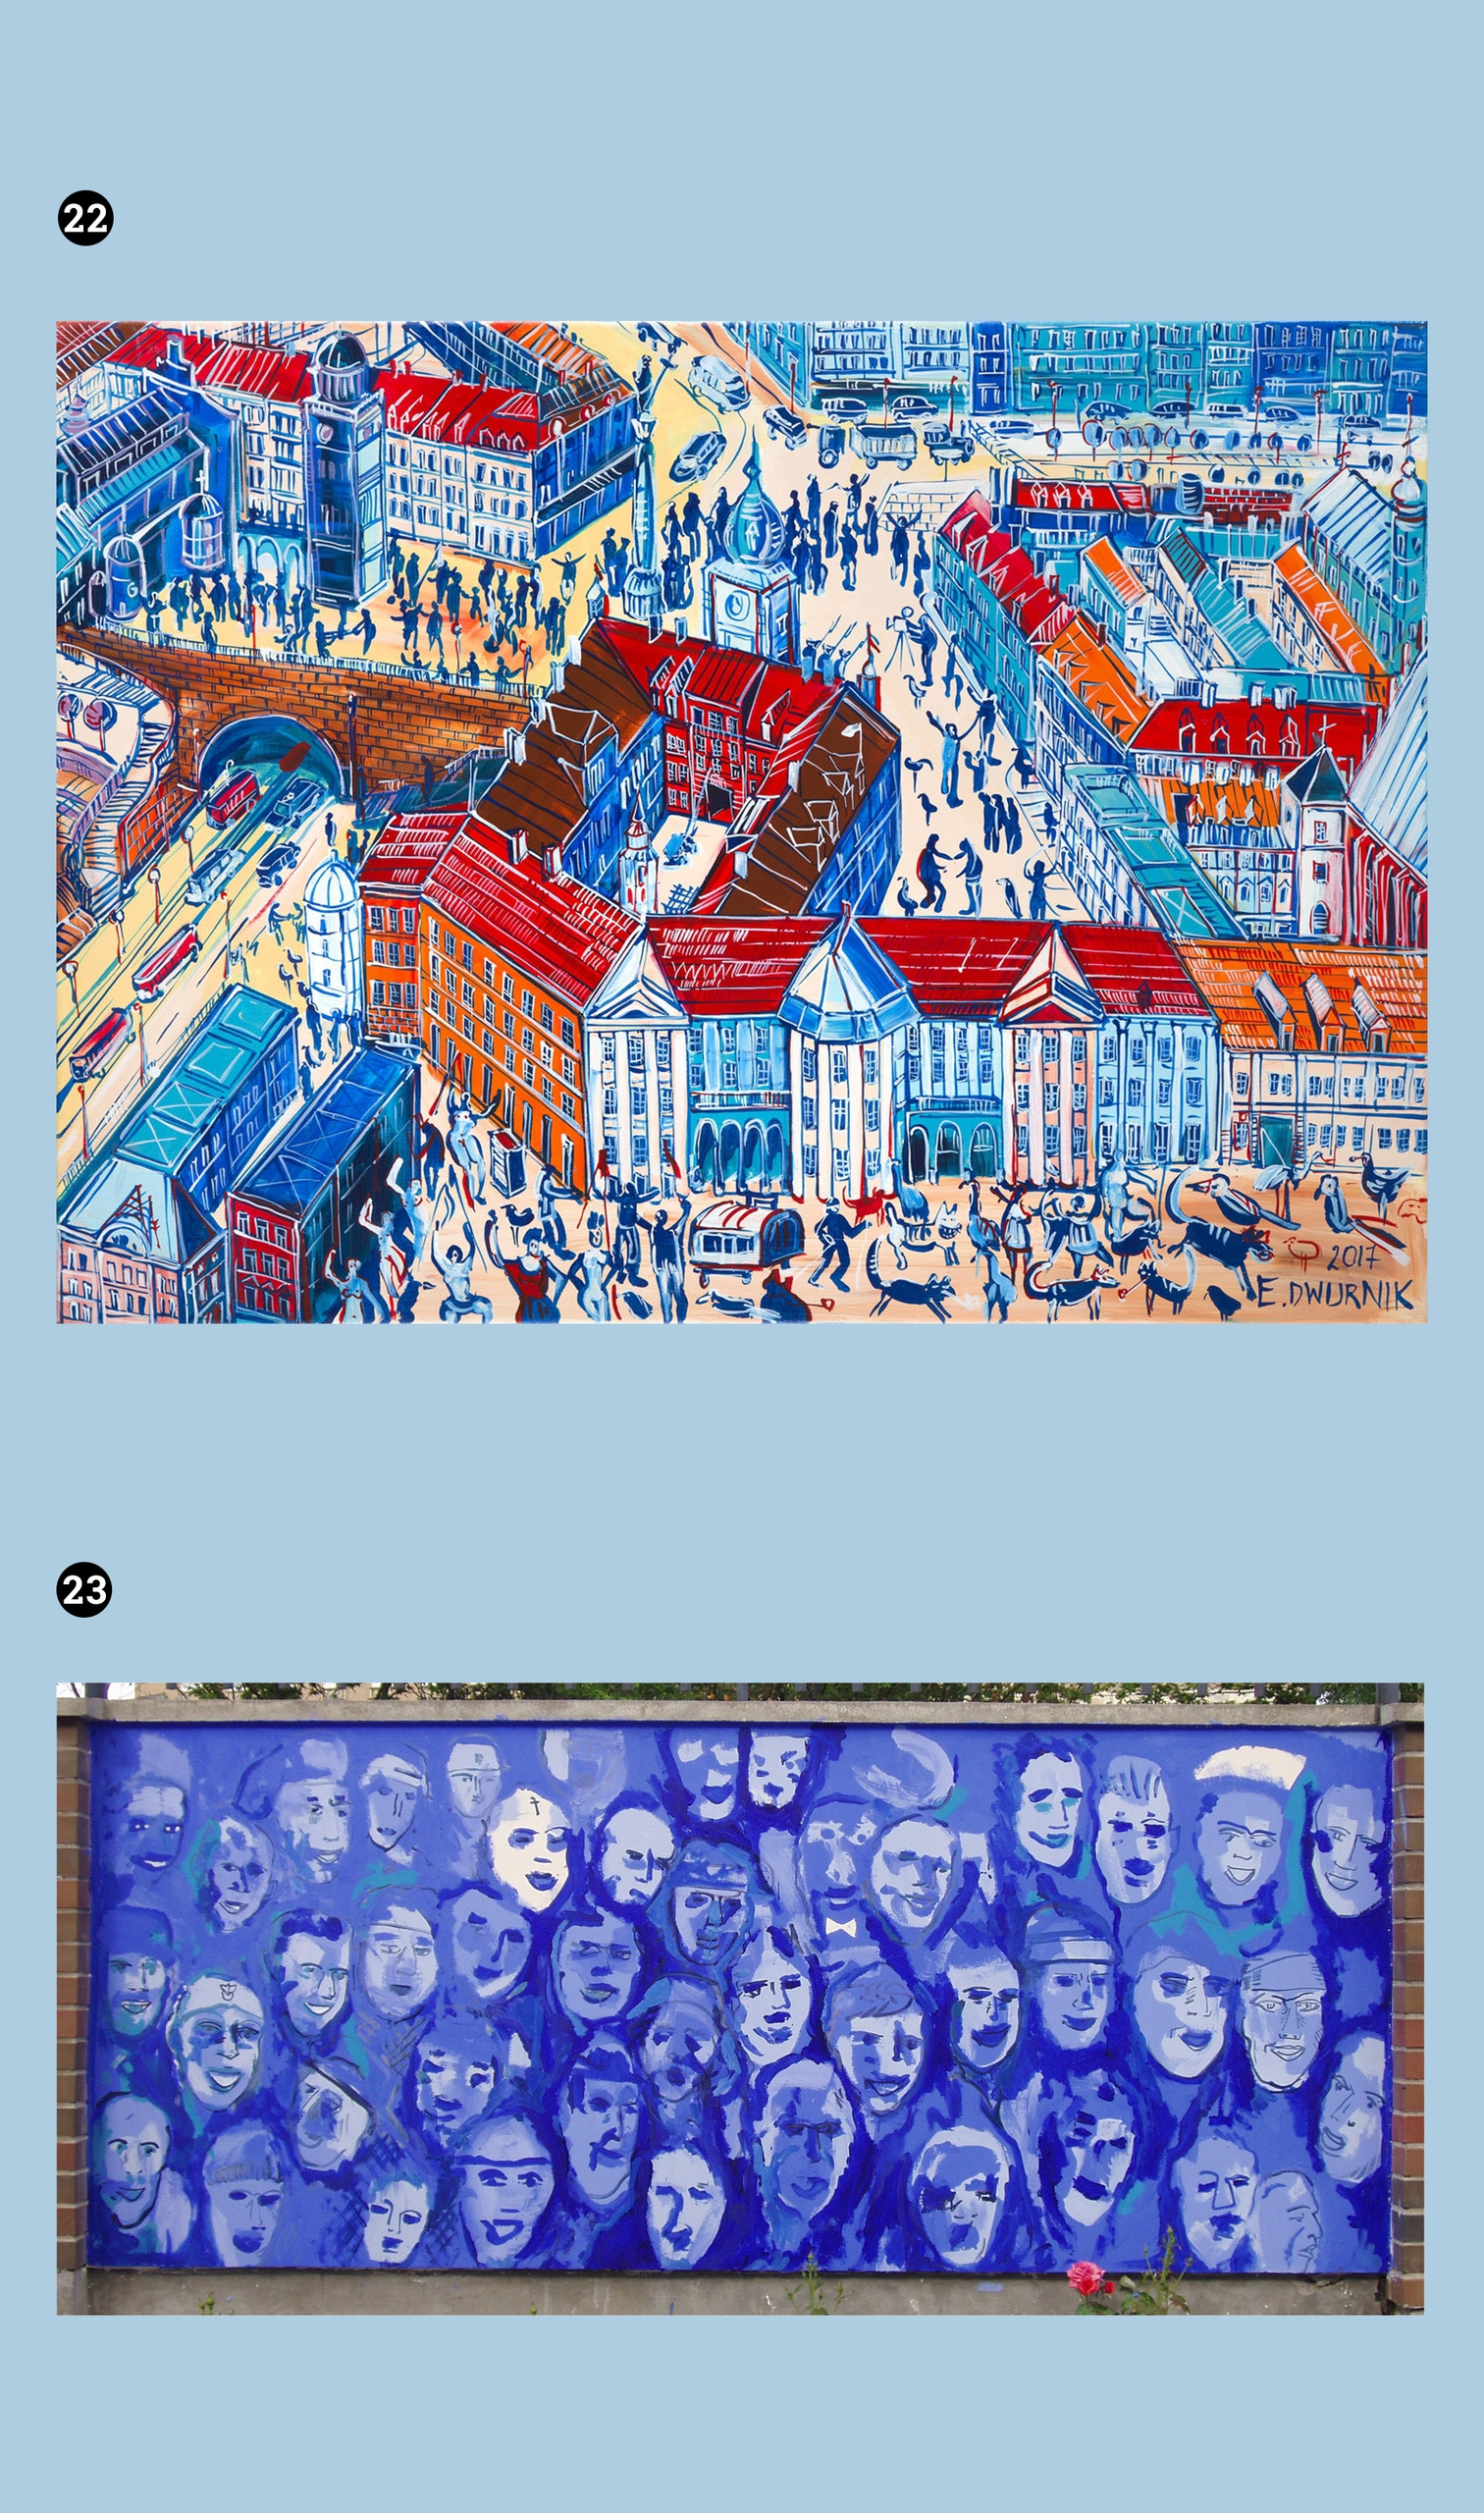 Obraz przedstawia dwa zdjęcia znanych obrazów. Całość utrzymana w niebieskiej tonacji.